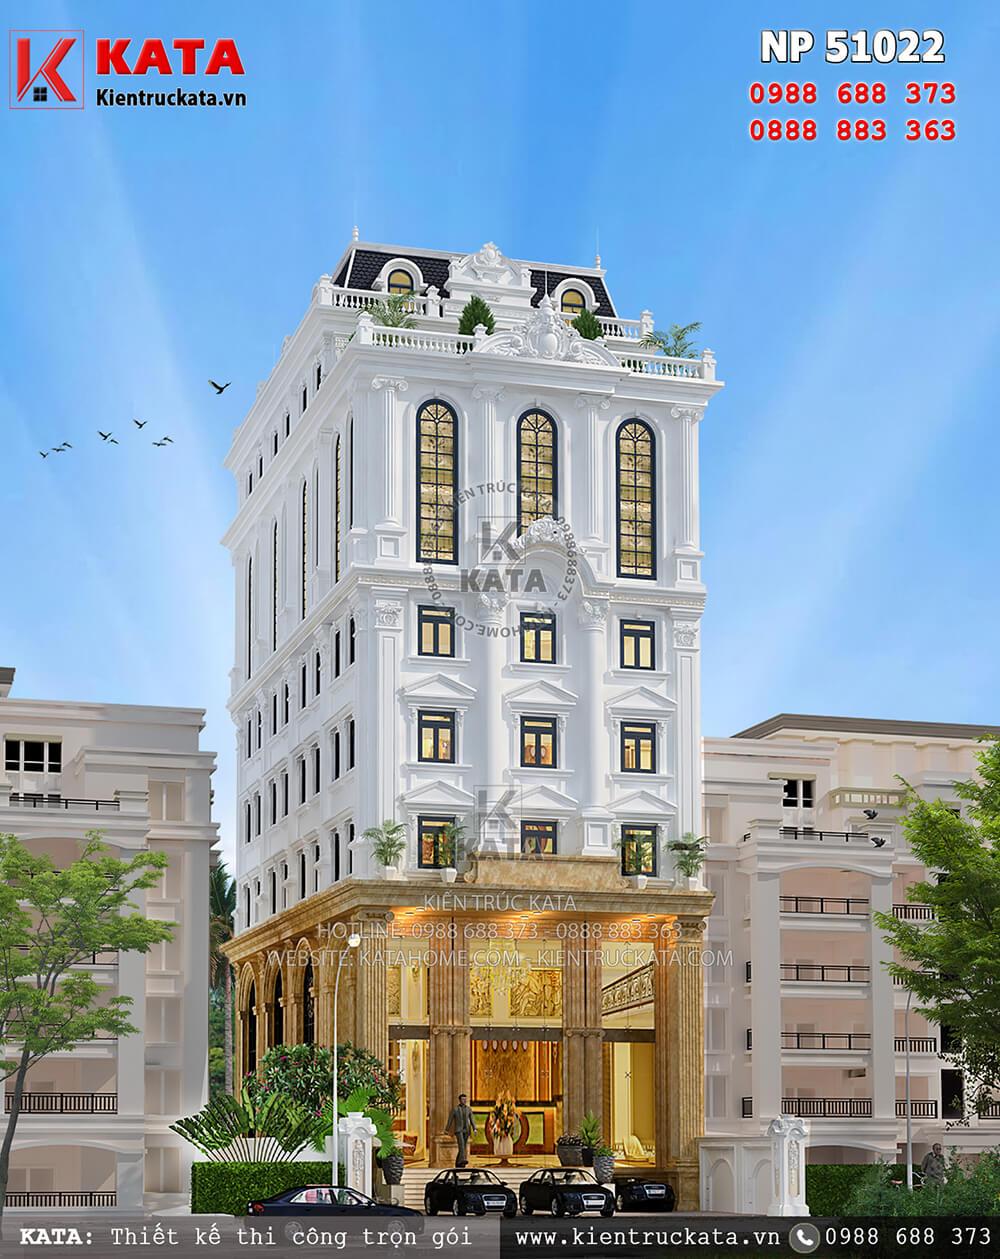 Mẫu khách sạn tân cổ điển đạt tiêu chuẩn khách sạn 3 sao tại Tam Đảo - Mã số: NP 50122